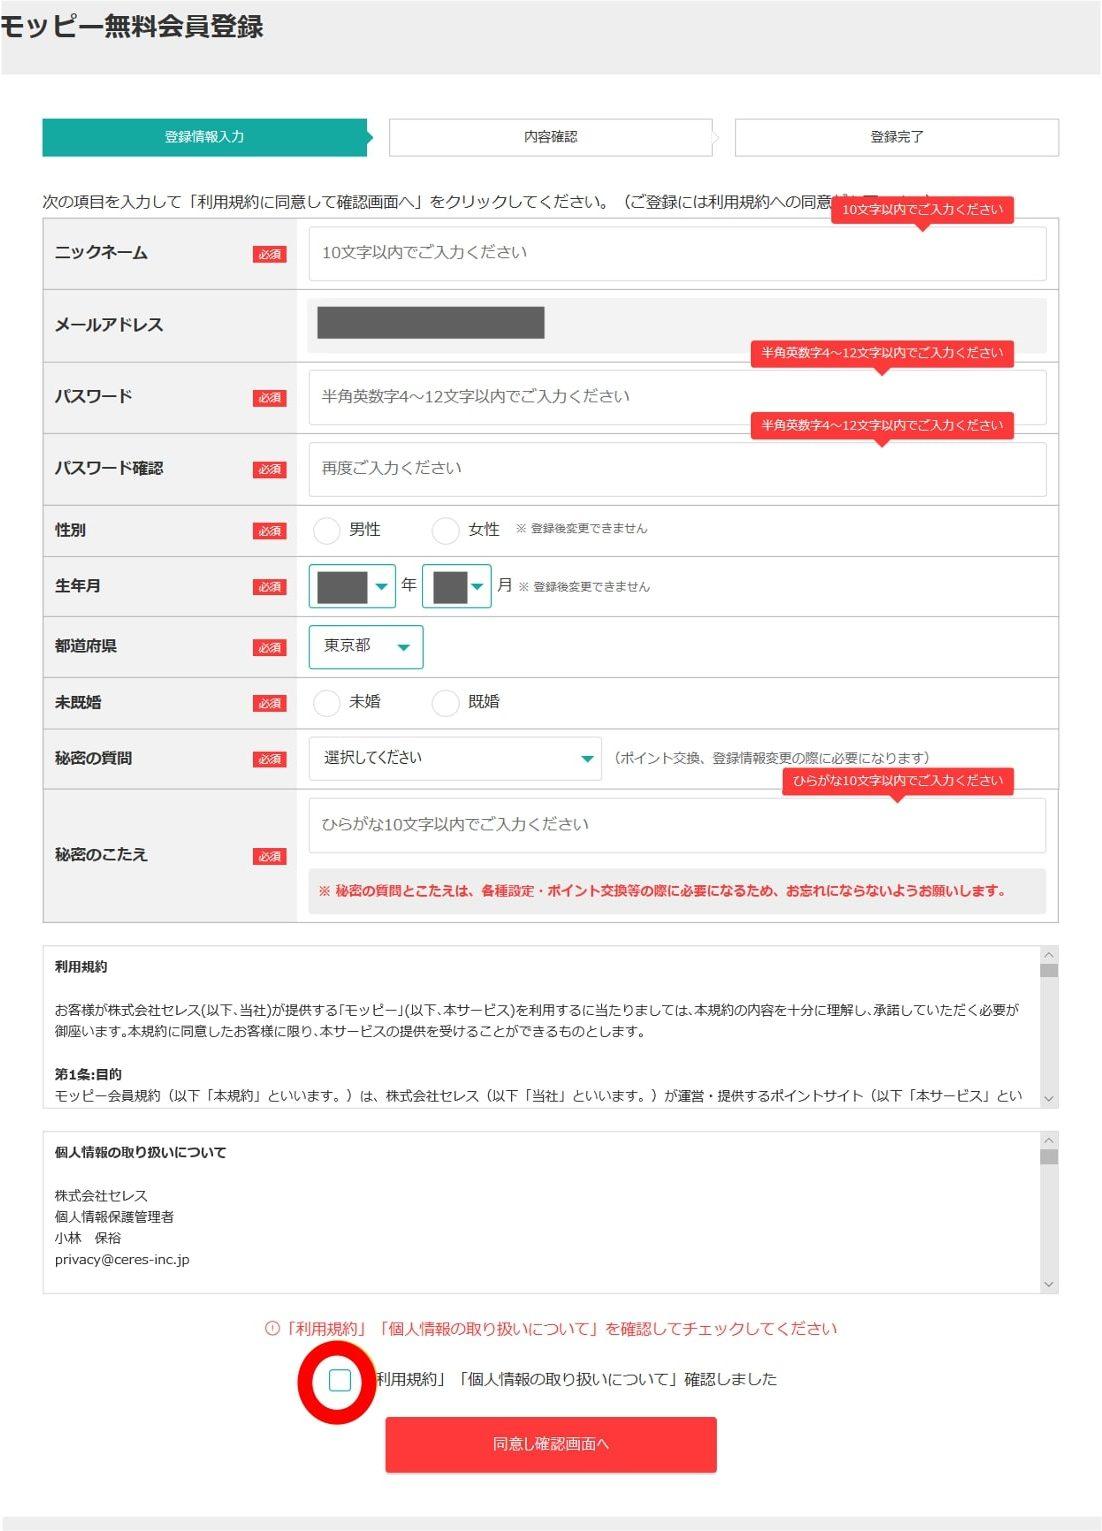 モッピー公式ページ 個人情報を登録する 無料会員登録